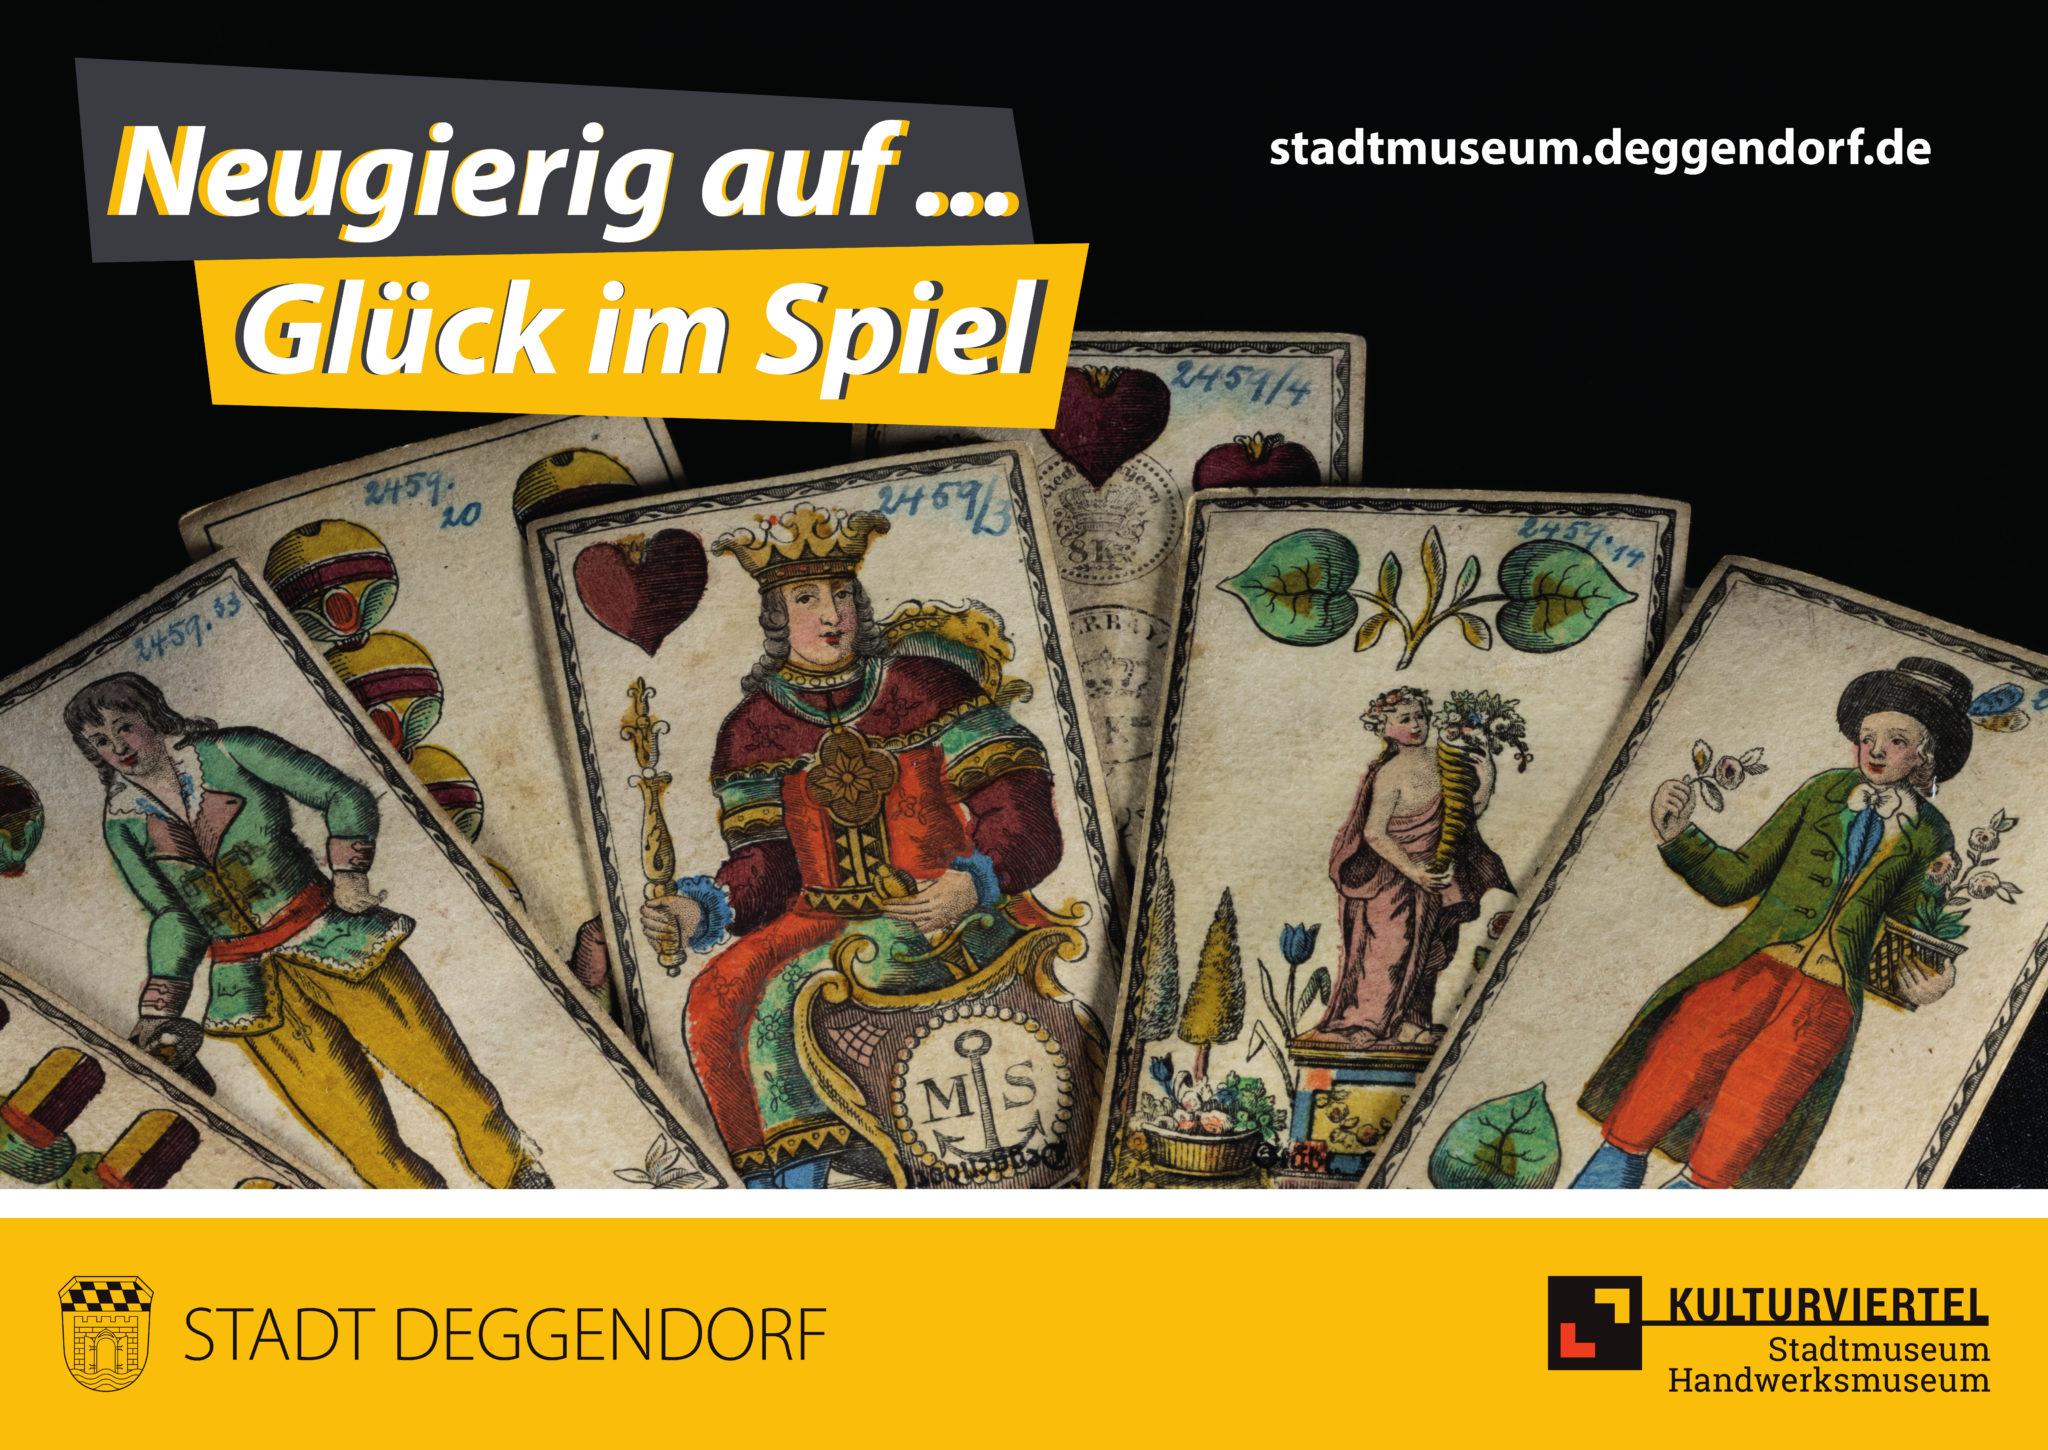 Neugierig auf Glück im Spiel. Es sind Spielkarten eines Bayerischen Blatts zu sehen